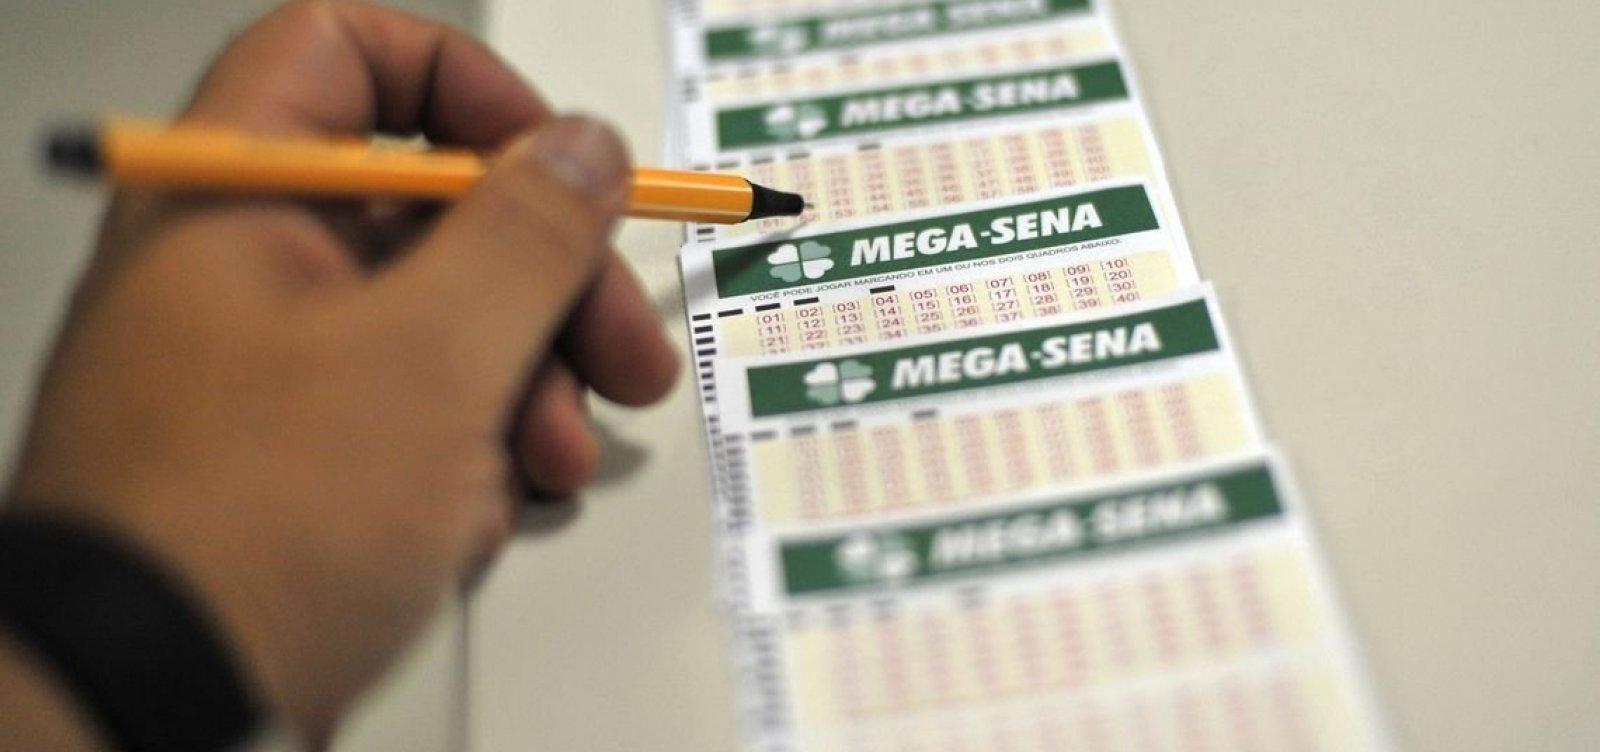 [Mega-Sena sorteia nesta quarta prêmio acumulado de R$ 170 milhões]